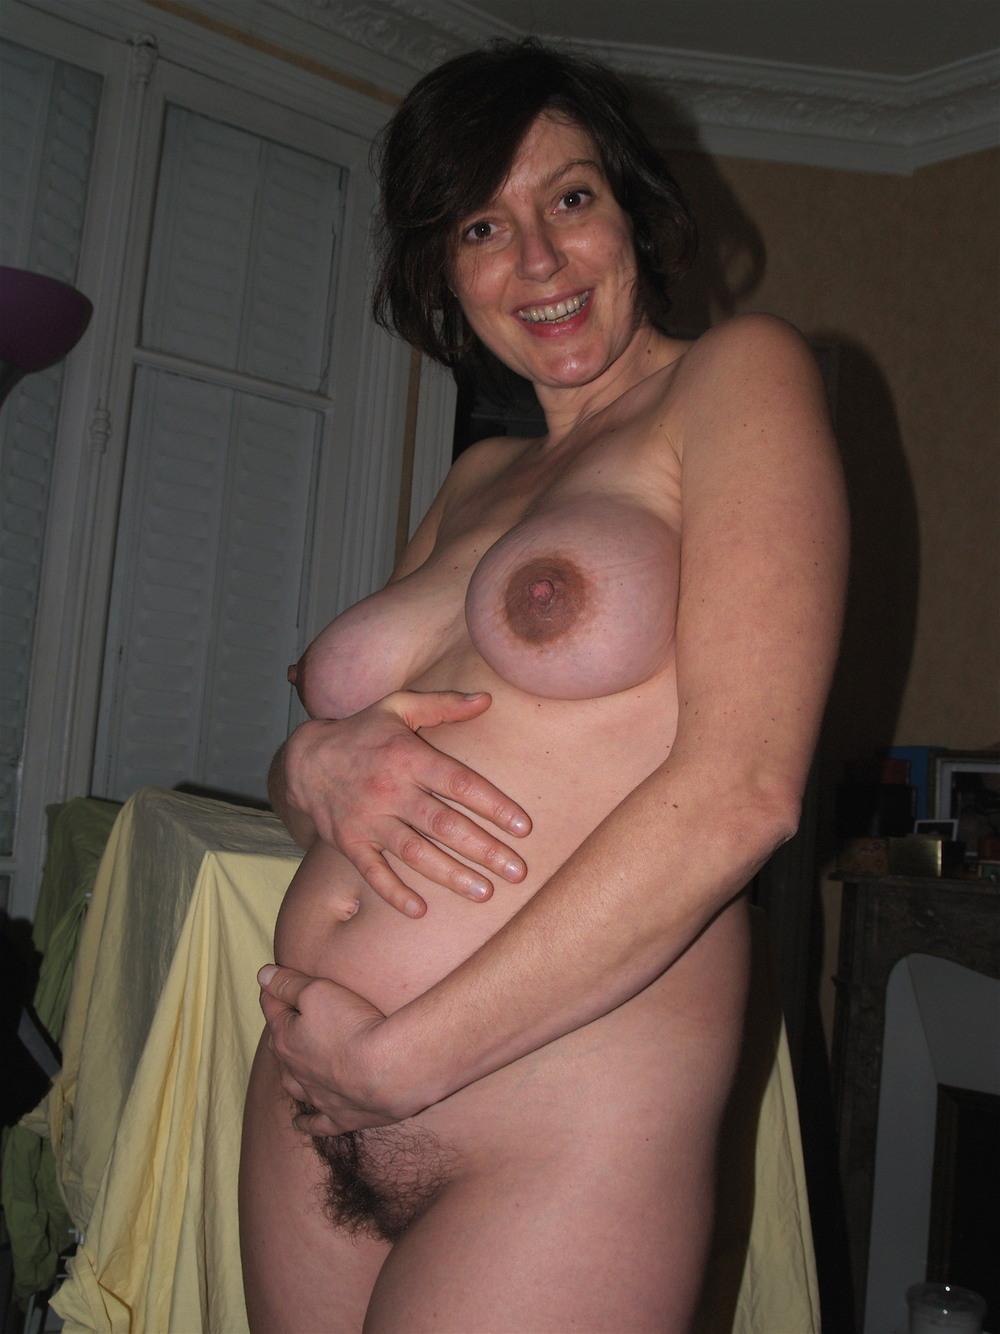 Откровенные снимки беременных дам (18+)